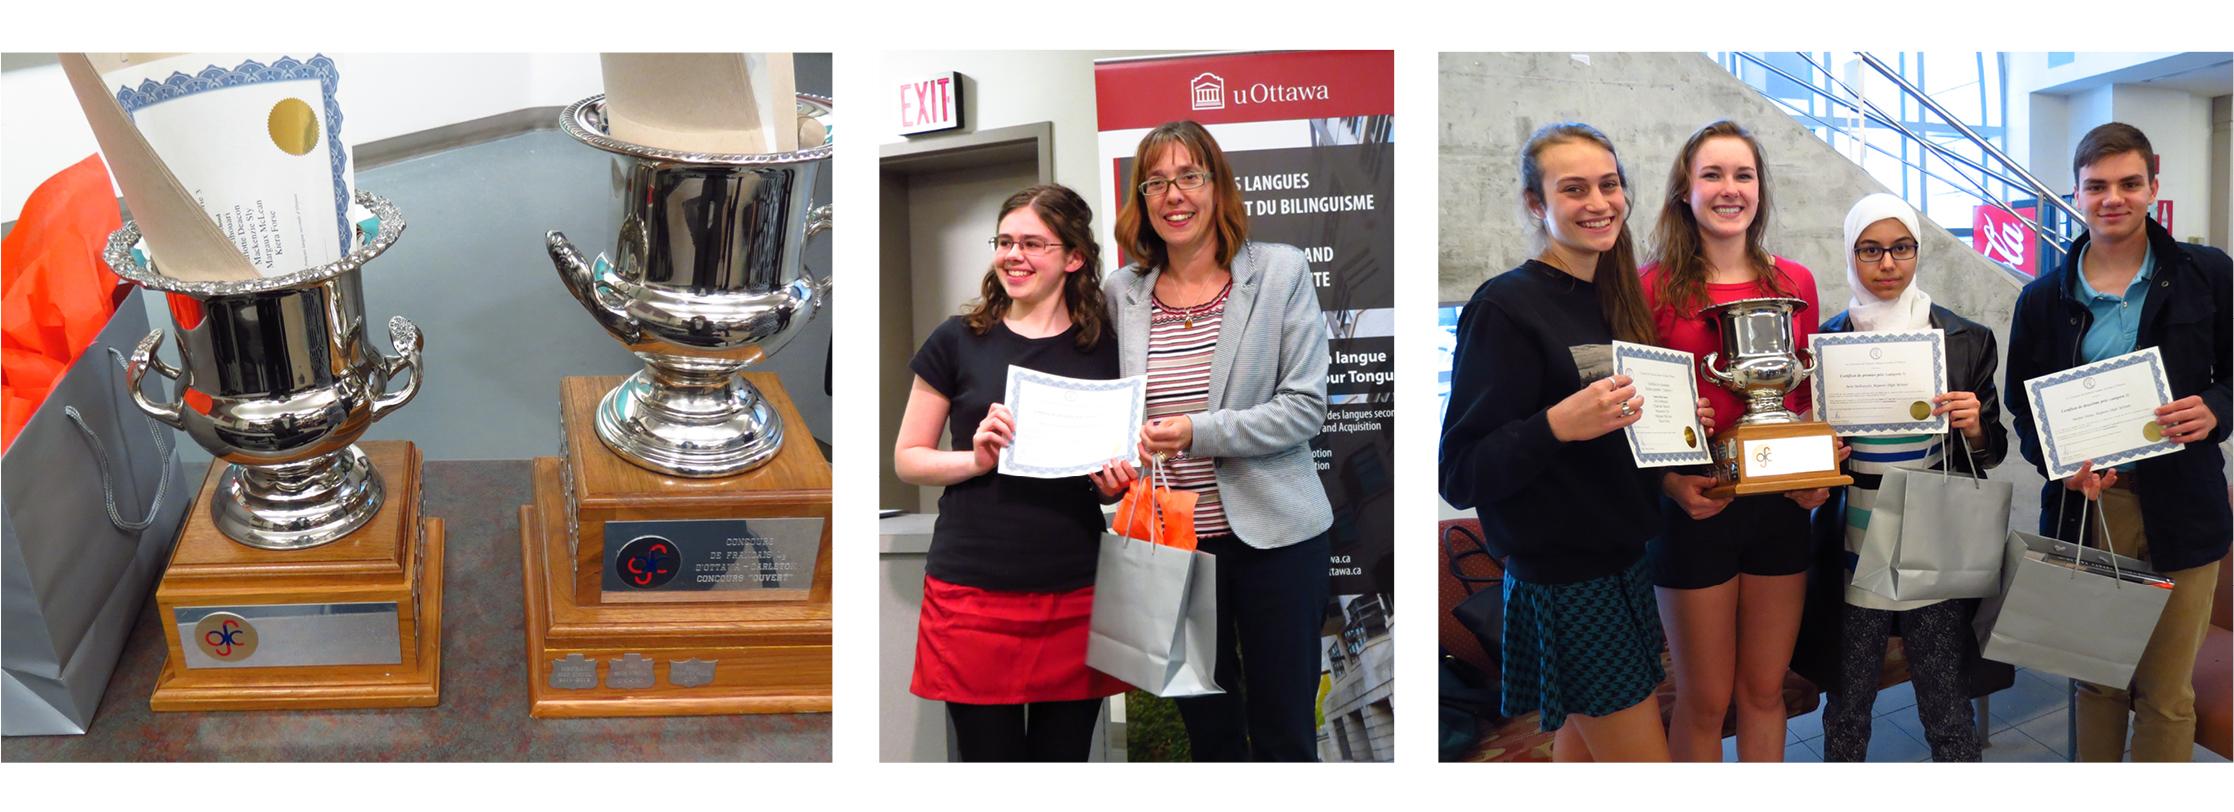 Concours de français langue seconde d'Ottawa